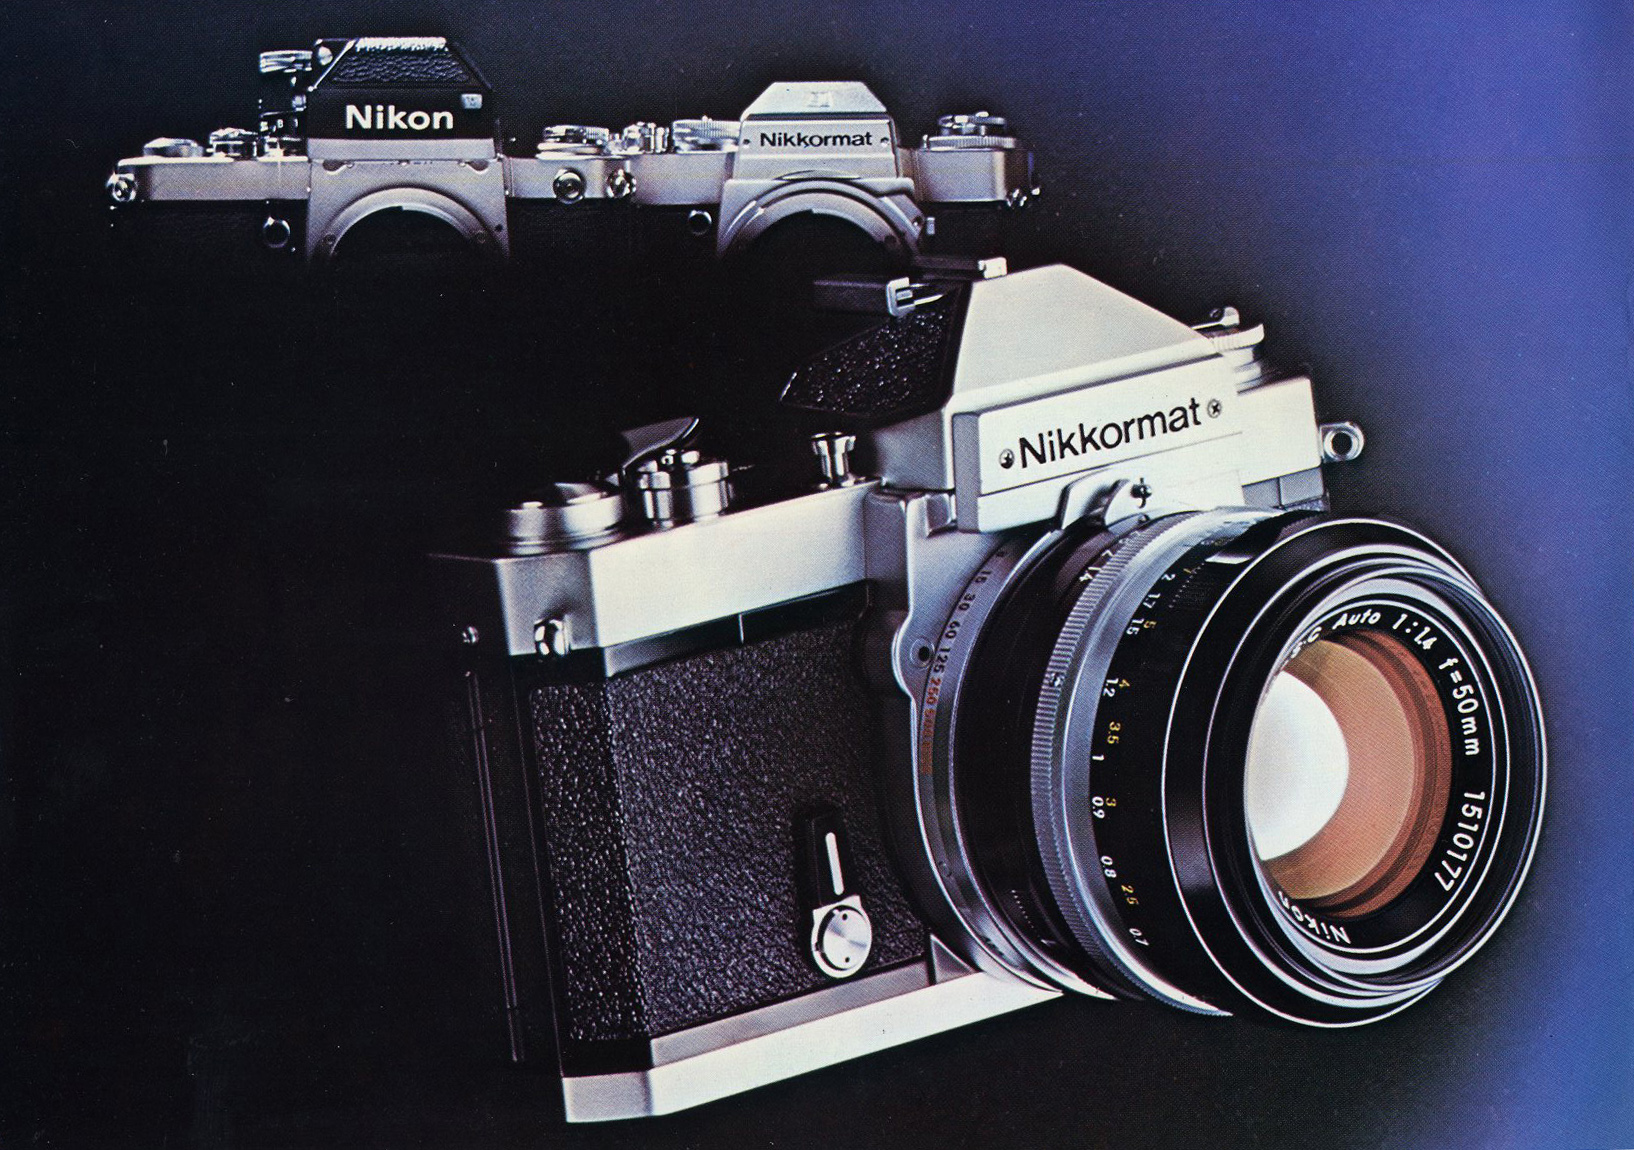 Nikkormat FT2 aquf einem Nikon-Werbefoto